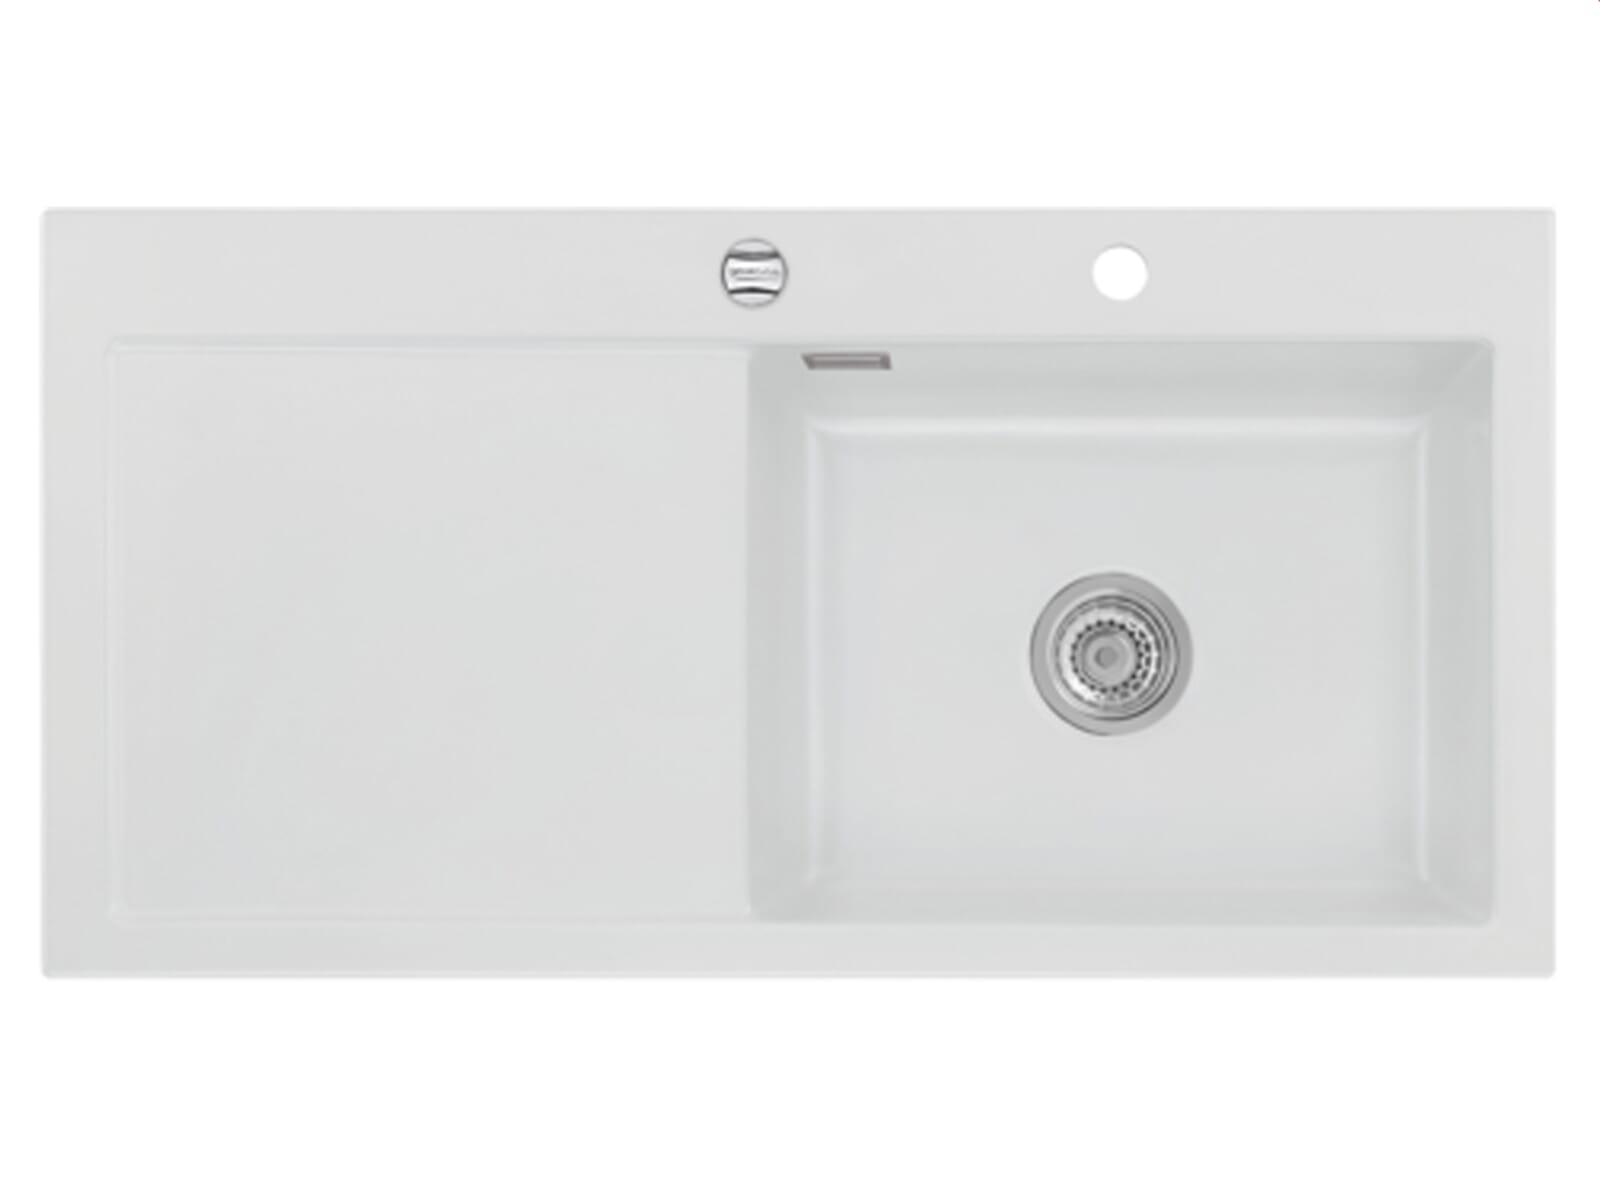 Systemceram Mera 100 SL Satin Keramikspüle Excenterbetätigung